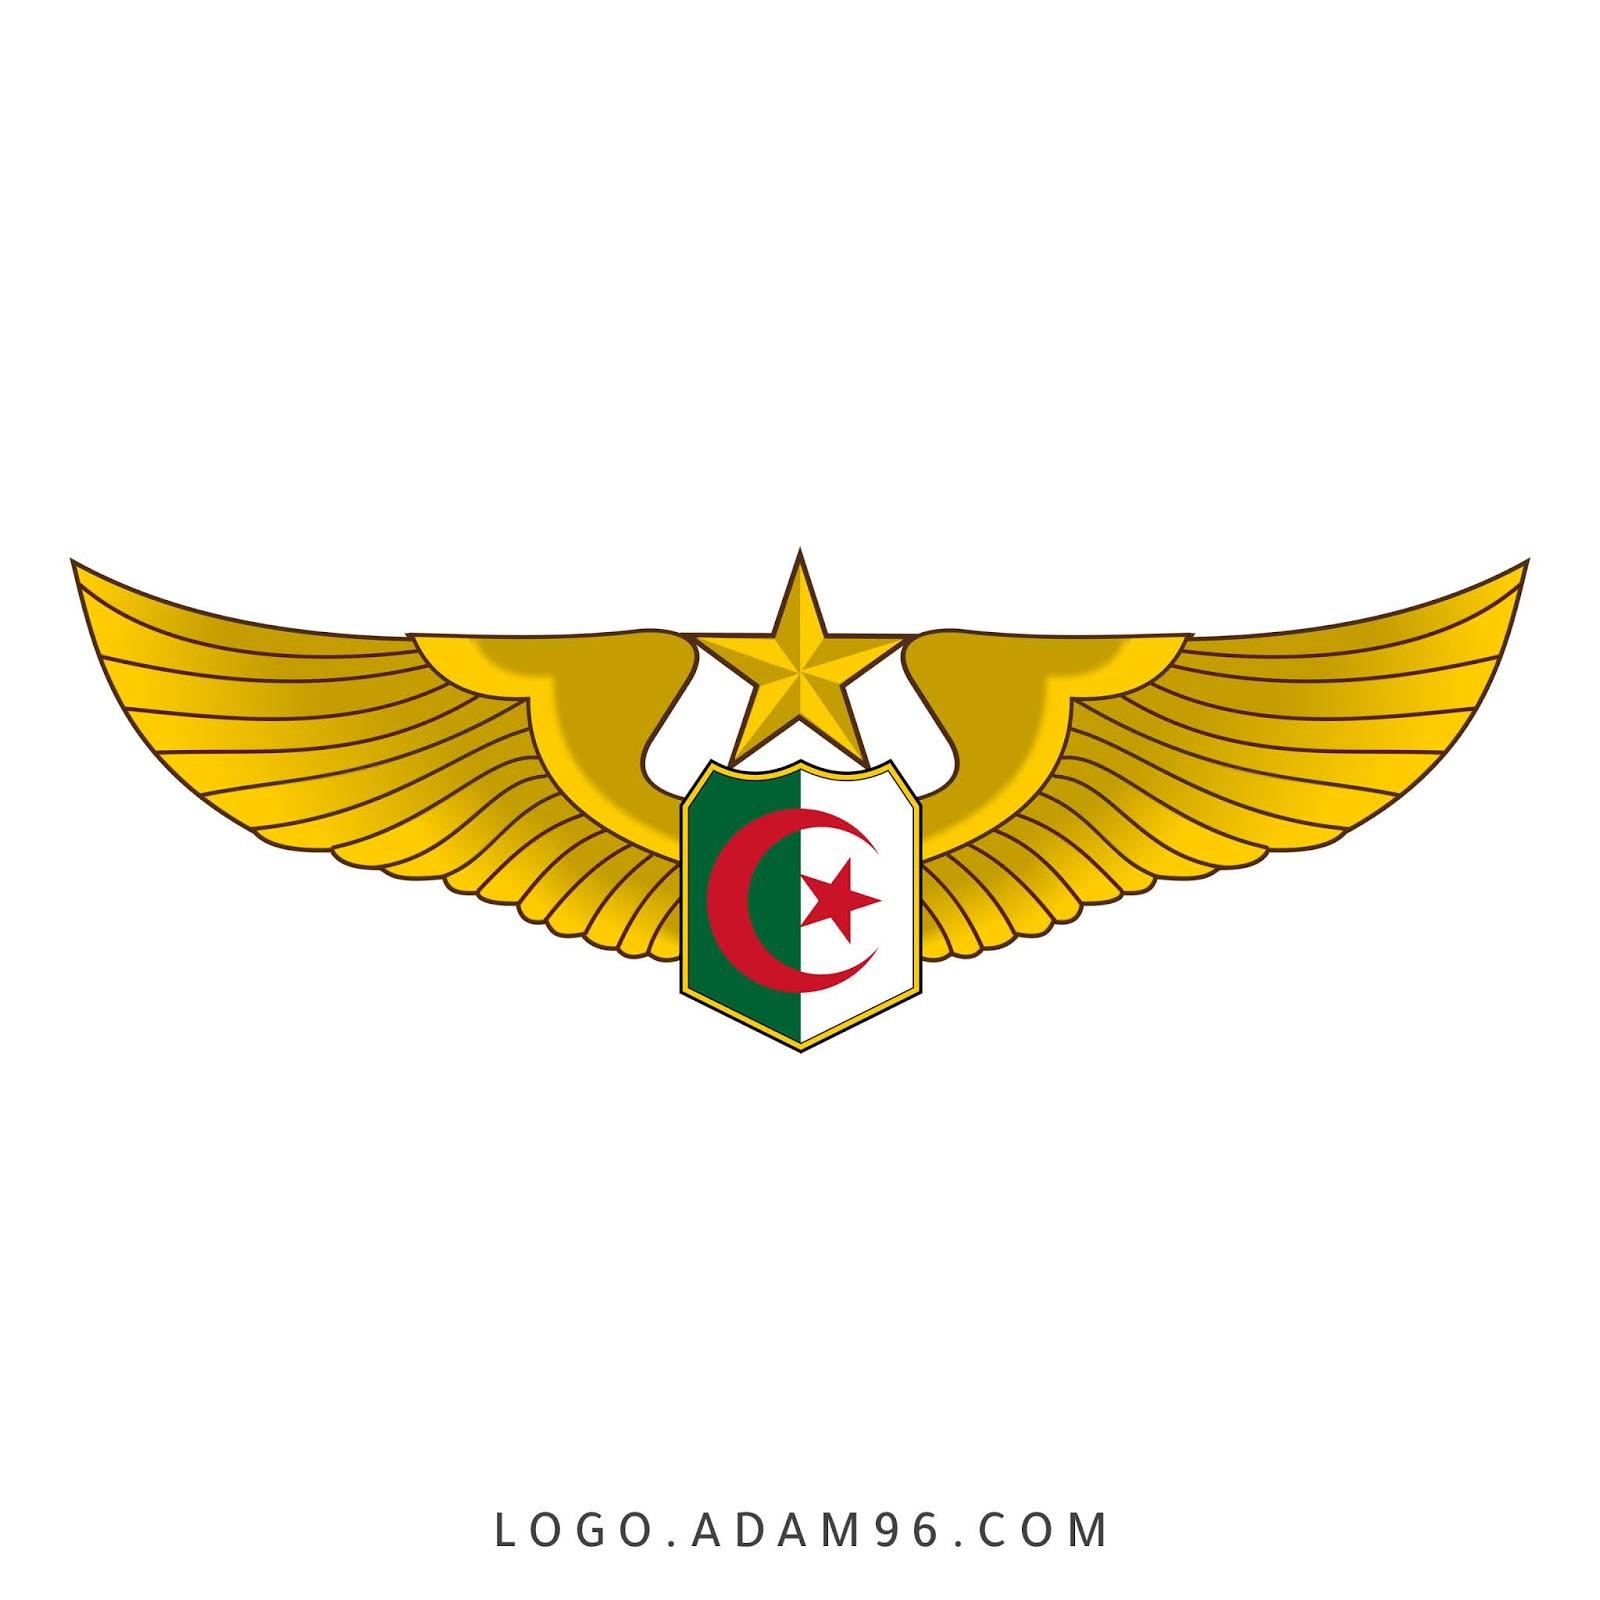 تحميل شعار القوات الجوية الجزائرية الشعار الرسمي بدقة عالية Png